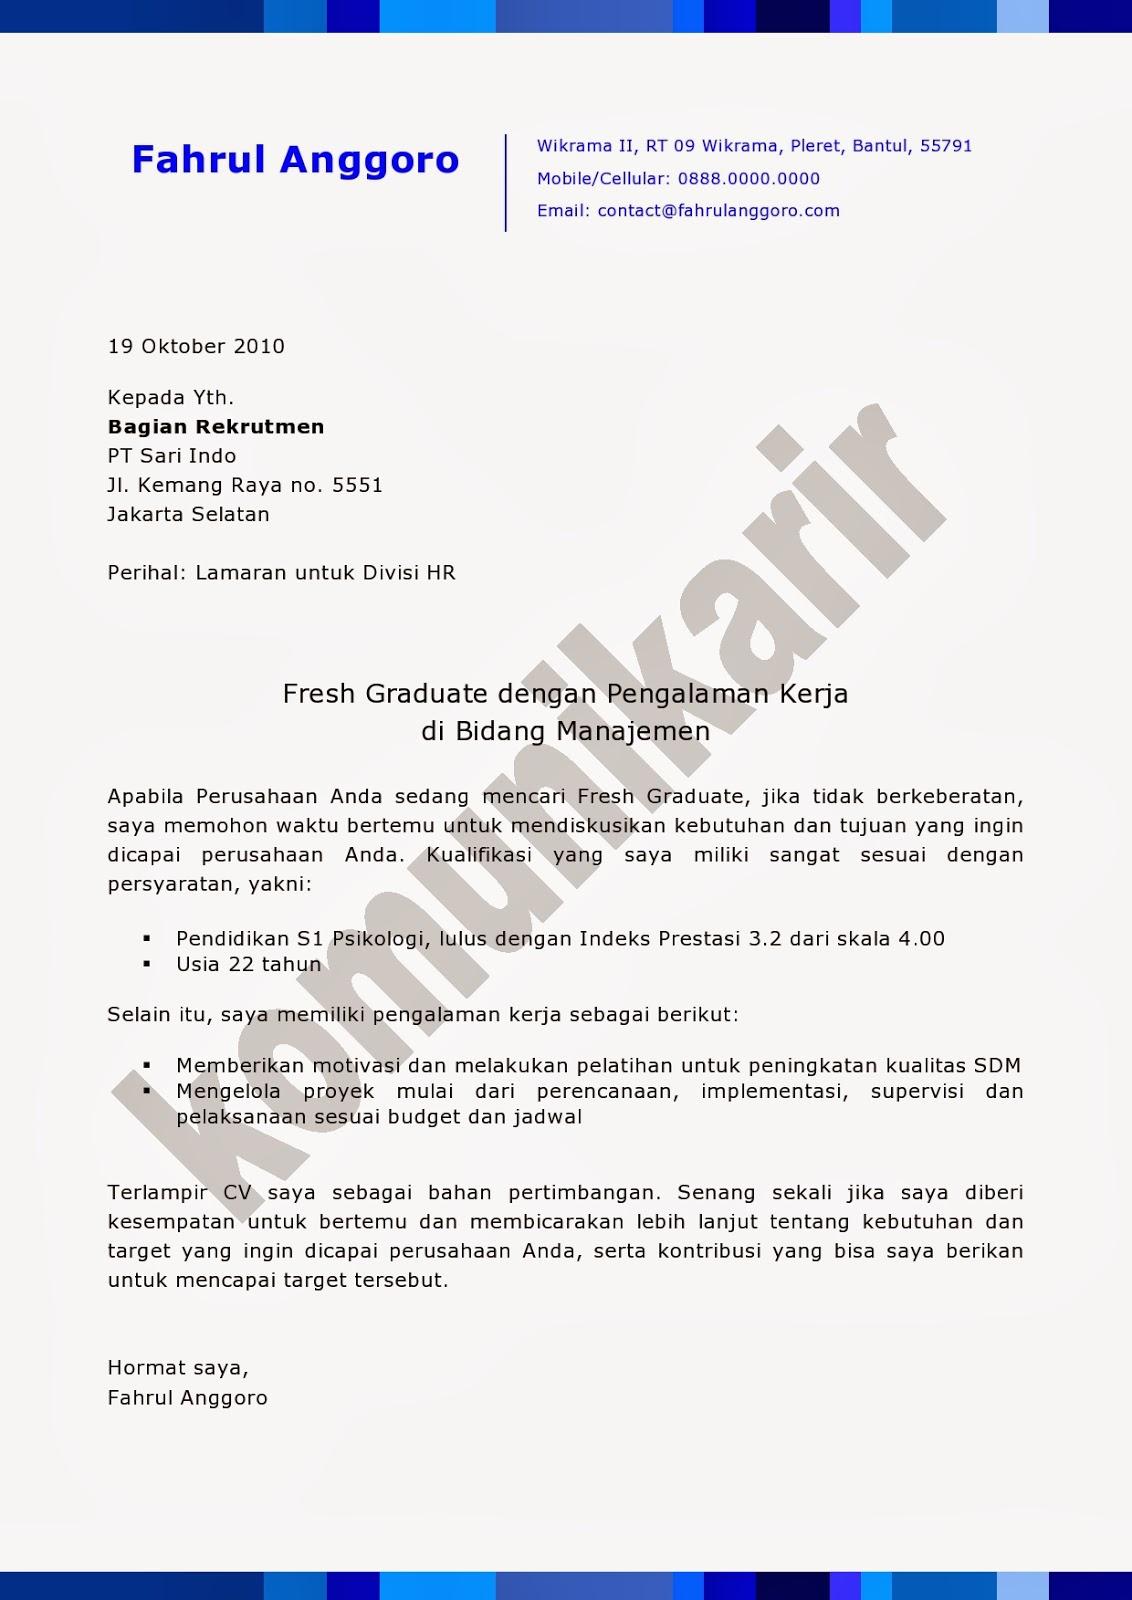 HRD+-+Surat+Lamaran+Kerja.jpg